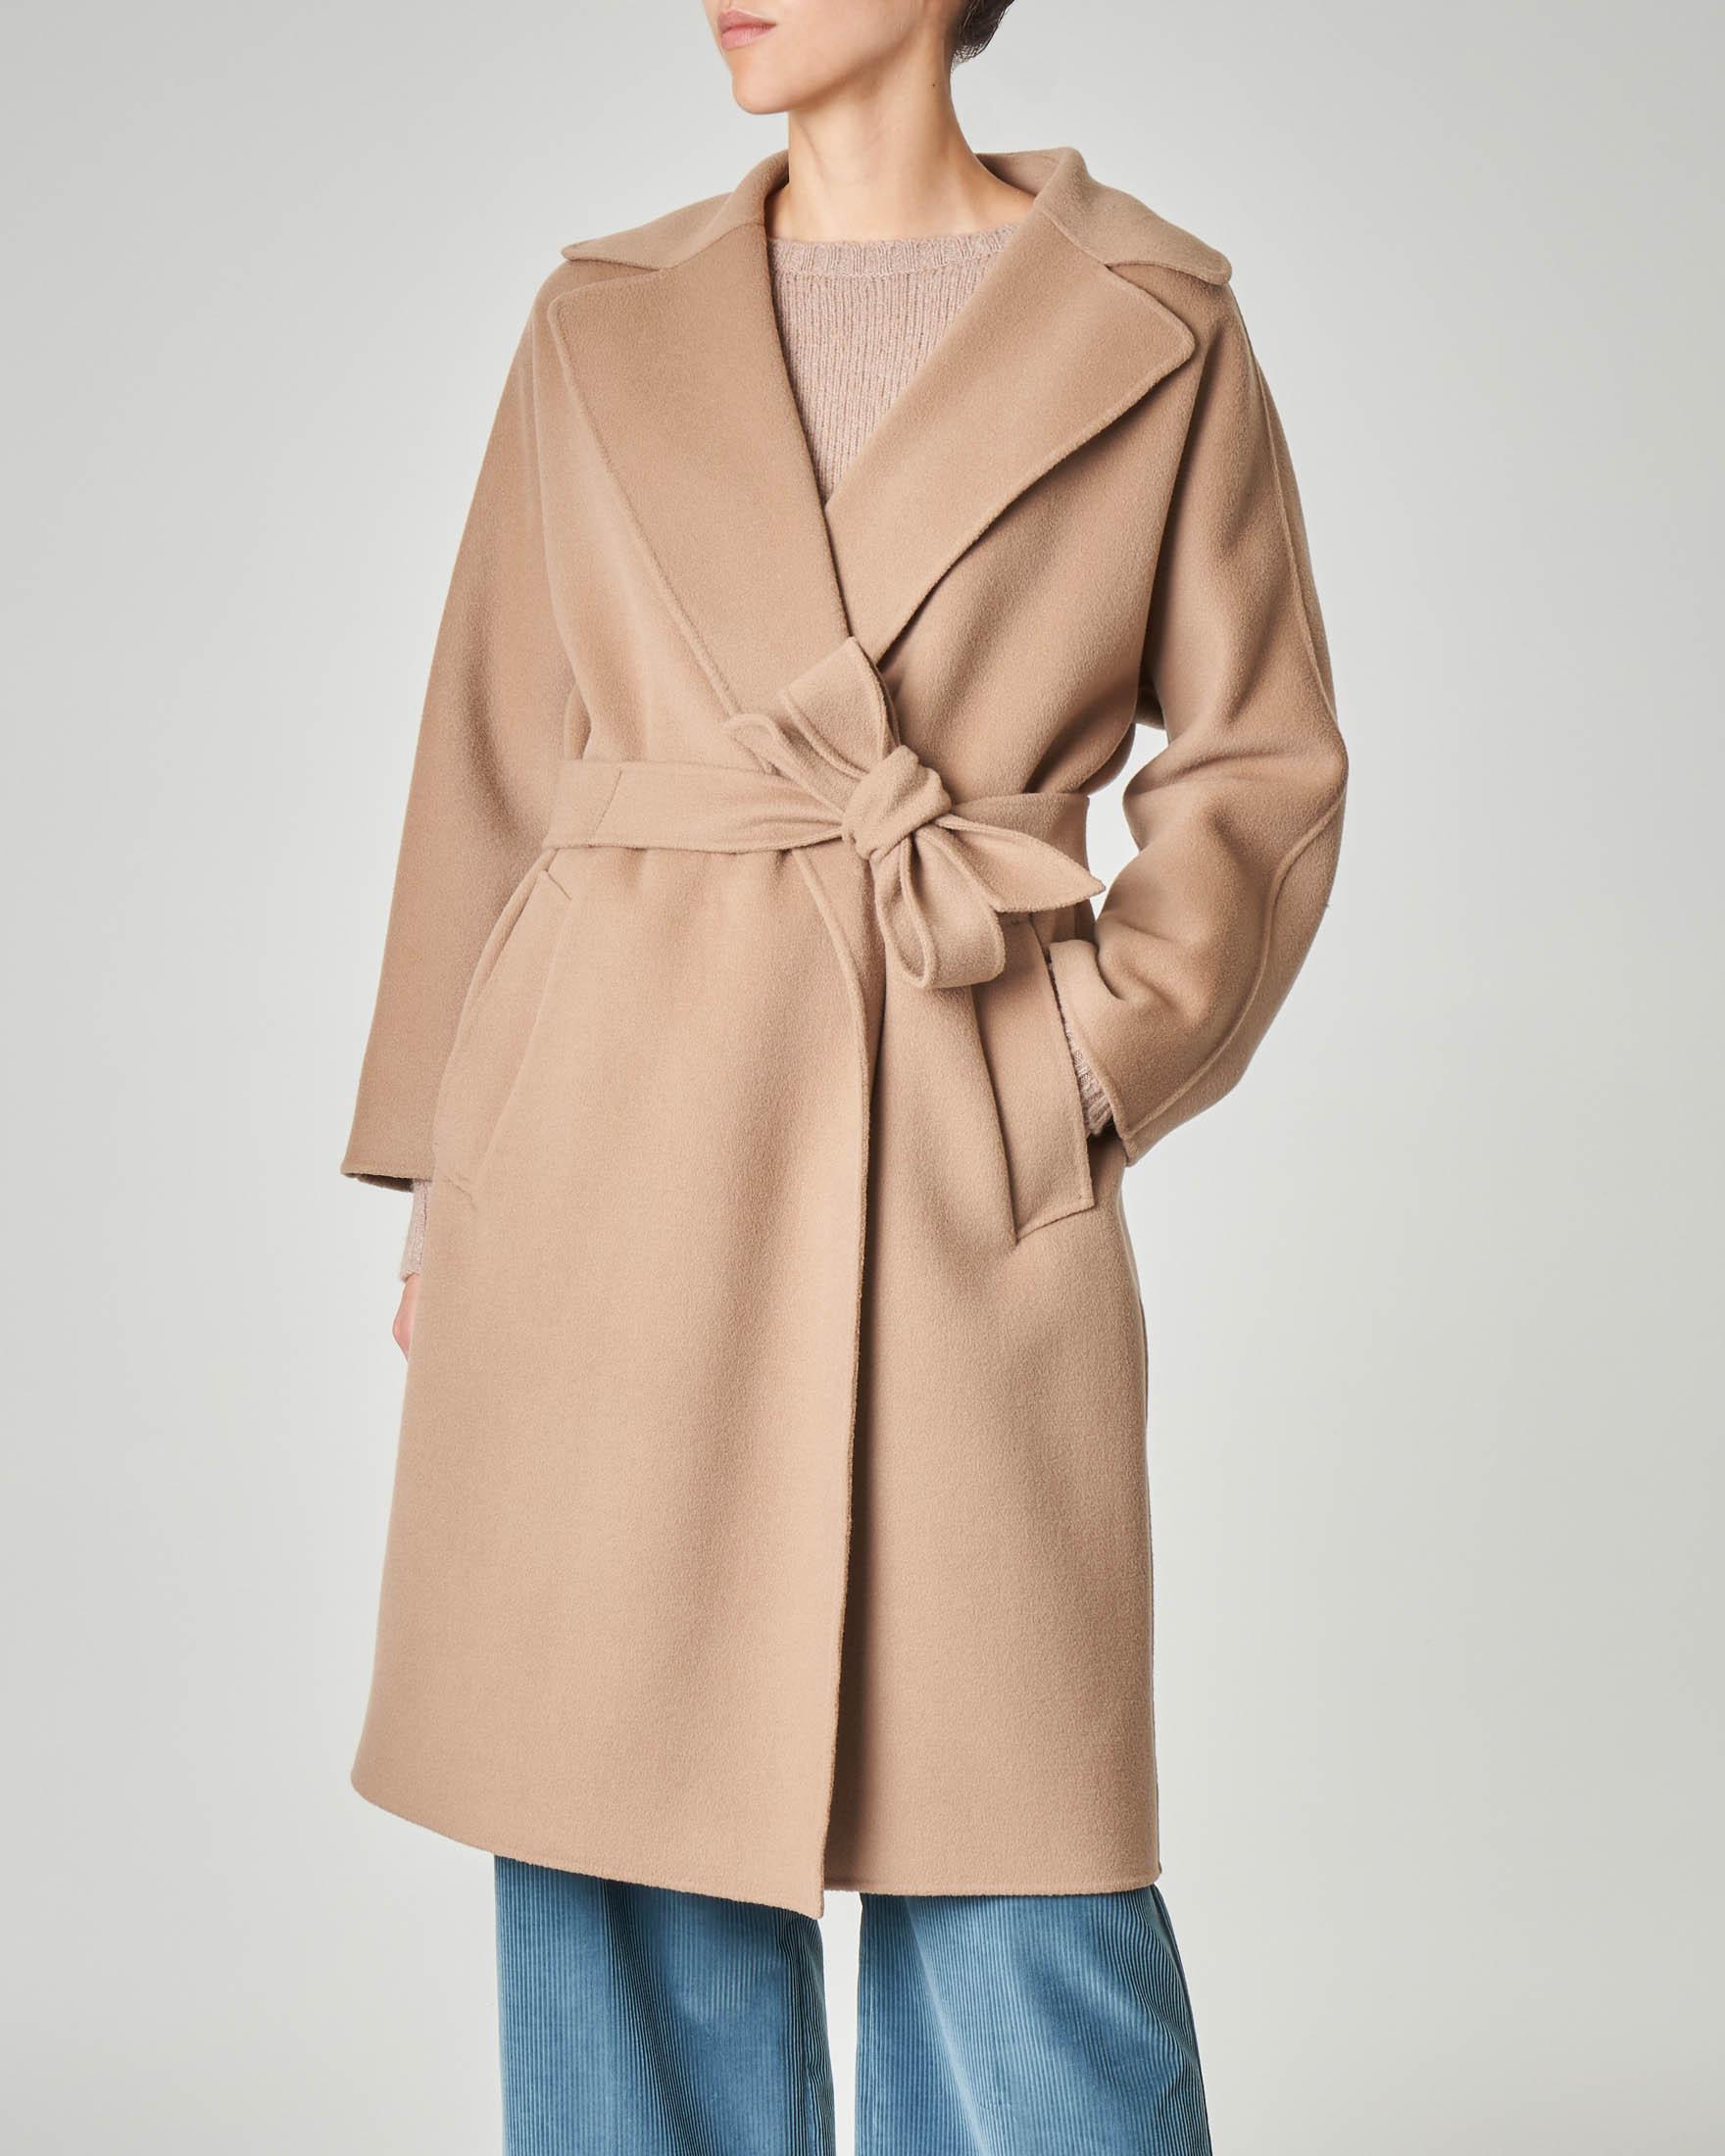 Capotto cammello a vestaglia in lana vergine con collo a rever